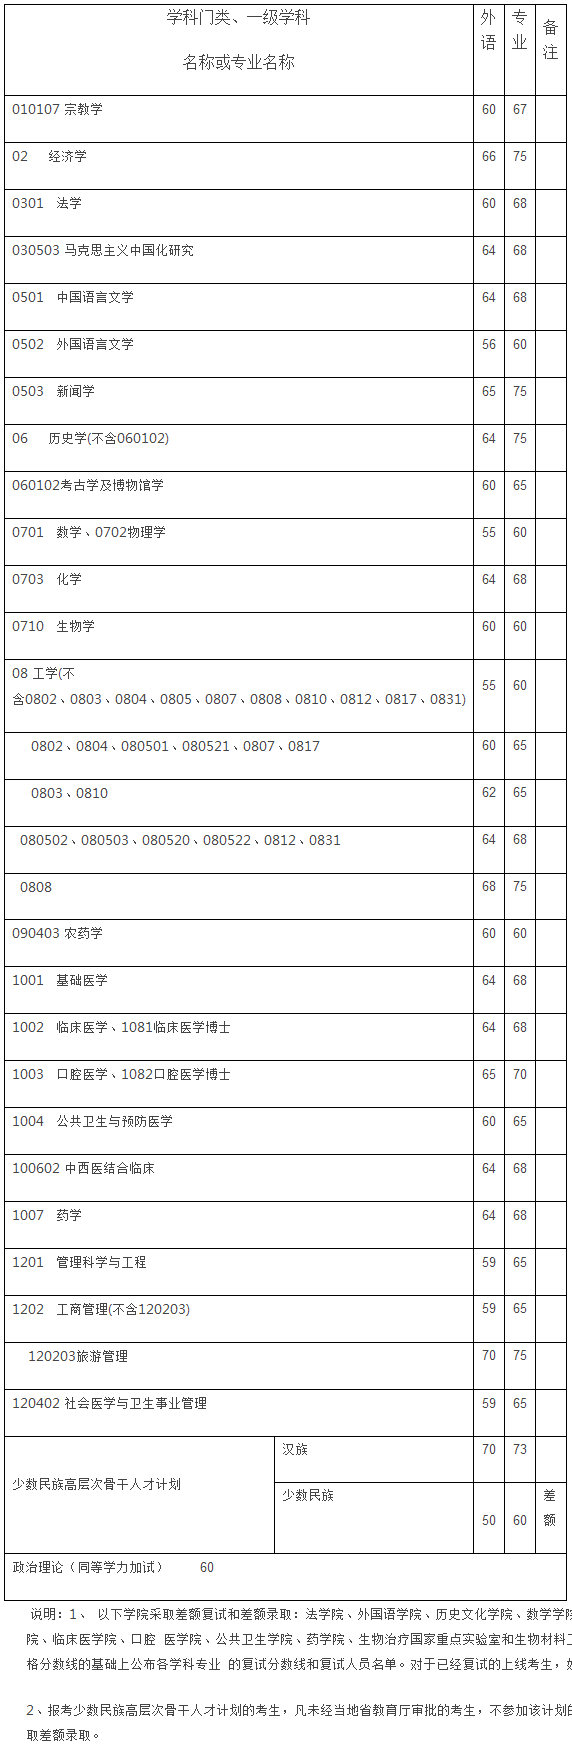 四川大学历年博士招生入学考试初试分数线